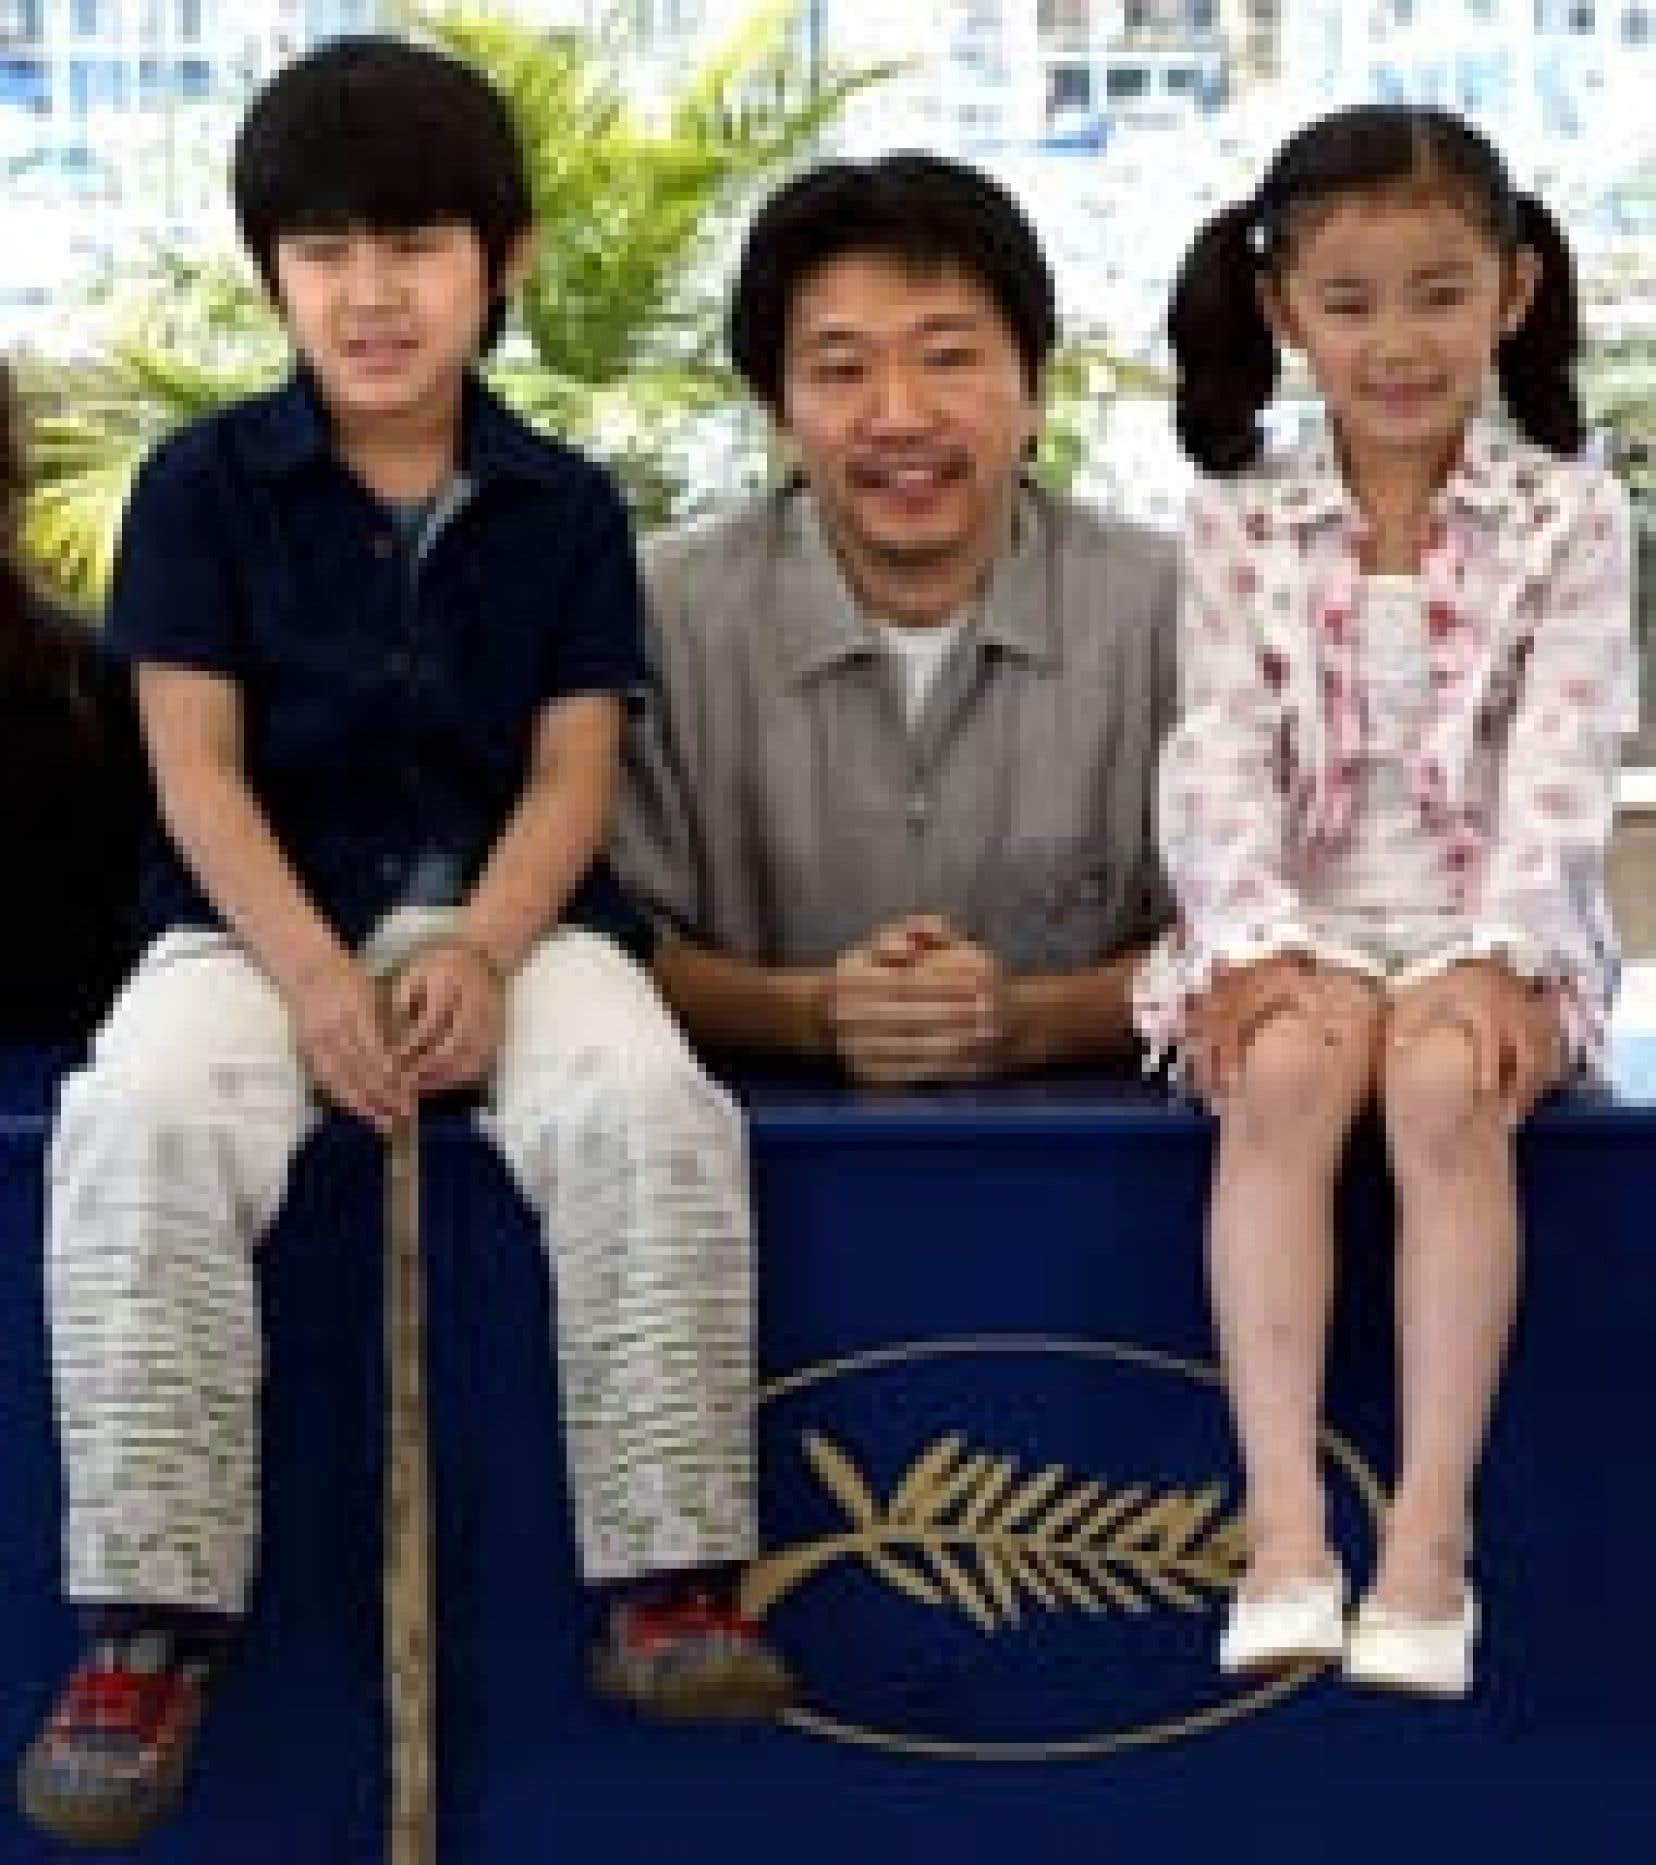 Le réalisateur japonais Kore-eda Hirokazu est venu présenter  Nobody Knows à Cannes en compagnie des deux jeunes héros de son film, Kimura Hiei (à gauche) et Shimizu Momoko.